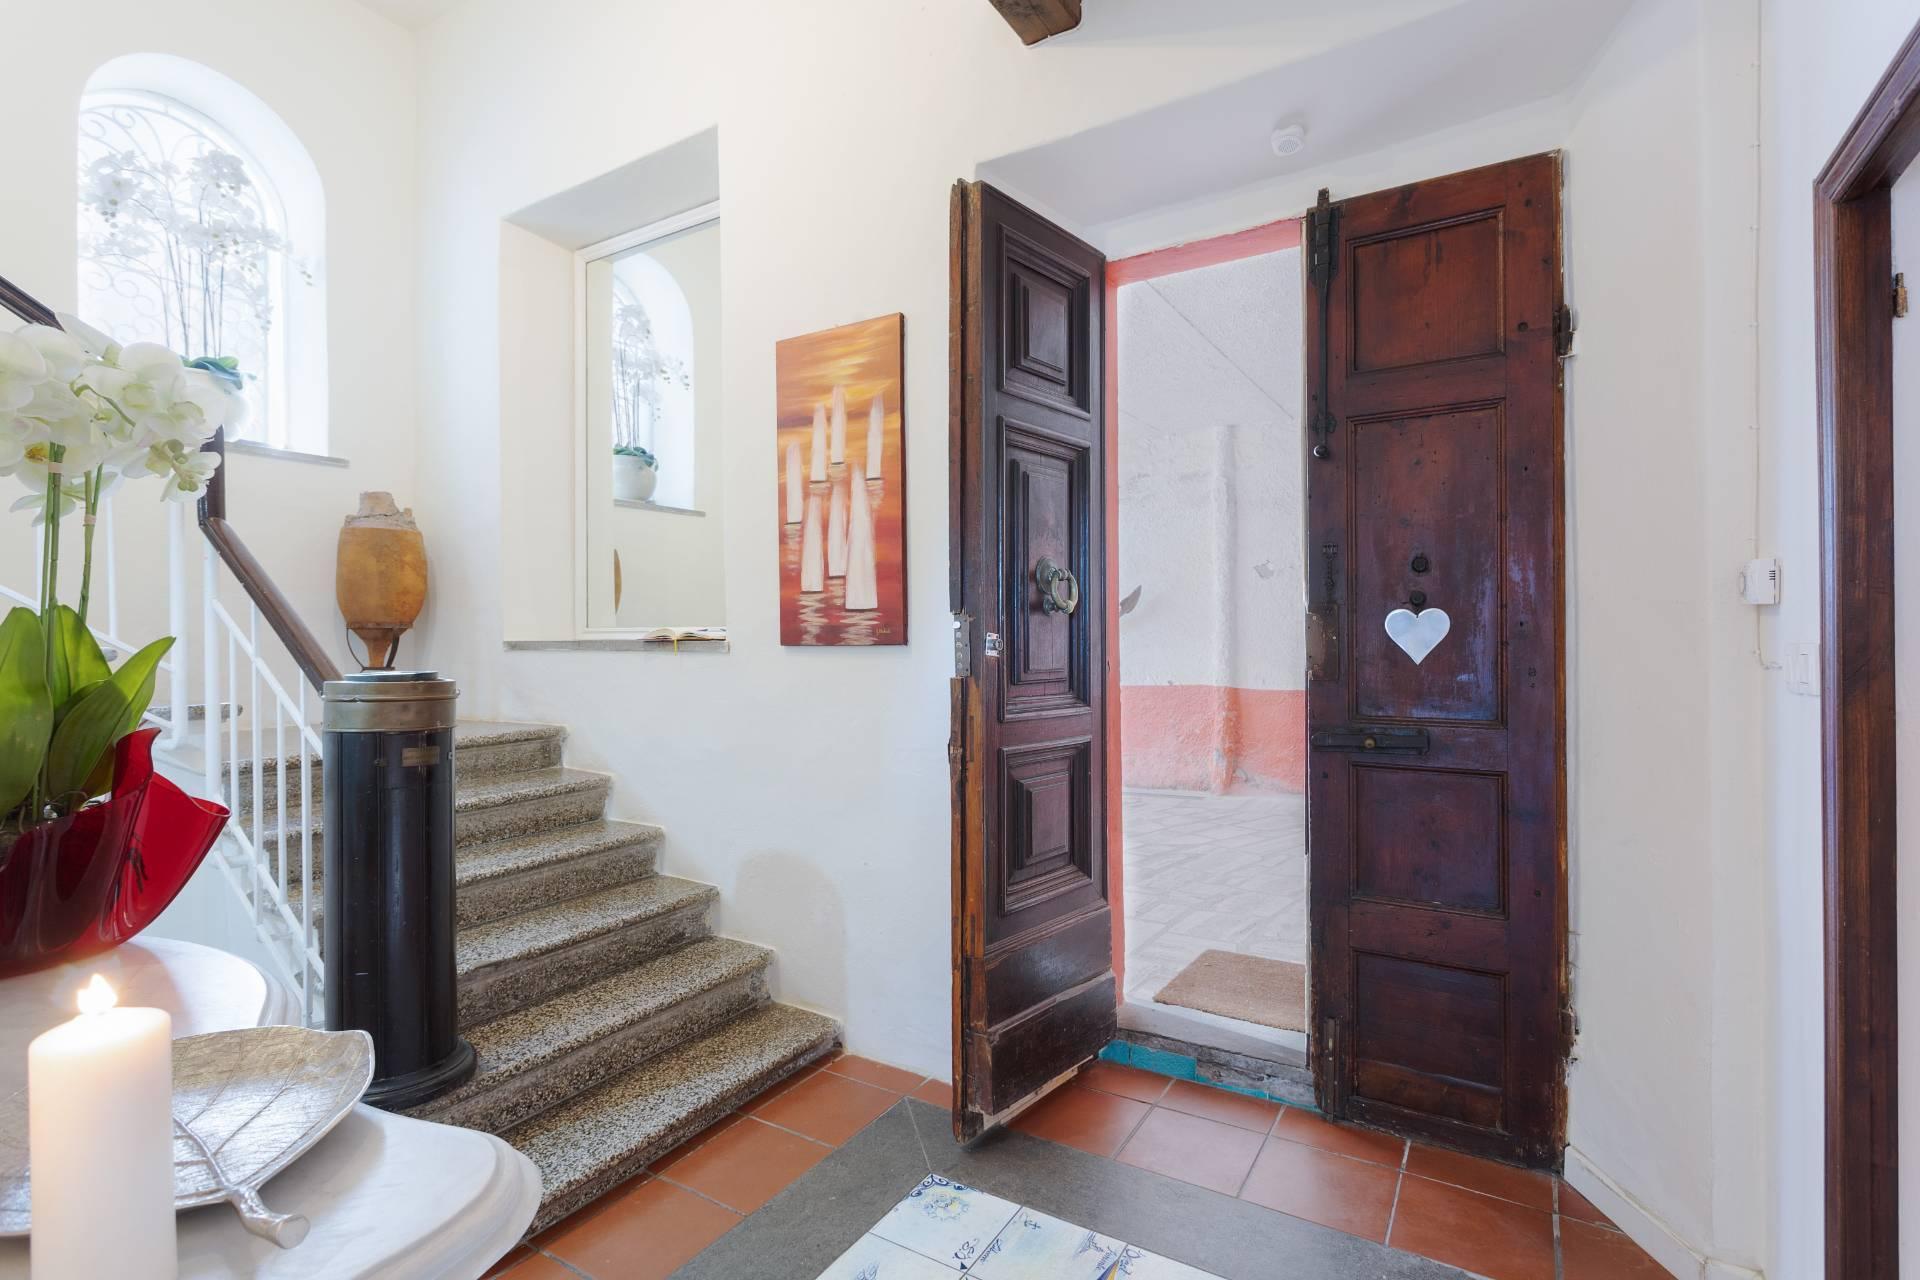 Casa indipendente in Vendita a Monte Argentario: 5 locali, 300 mq - Foto 25